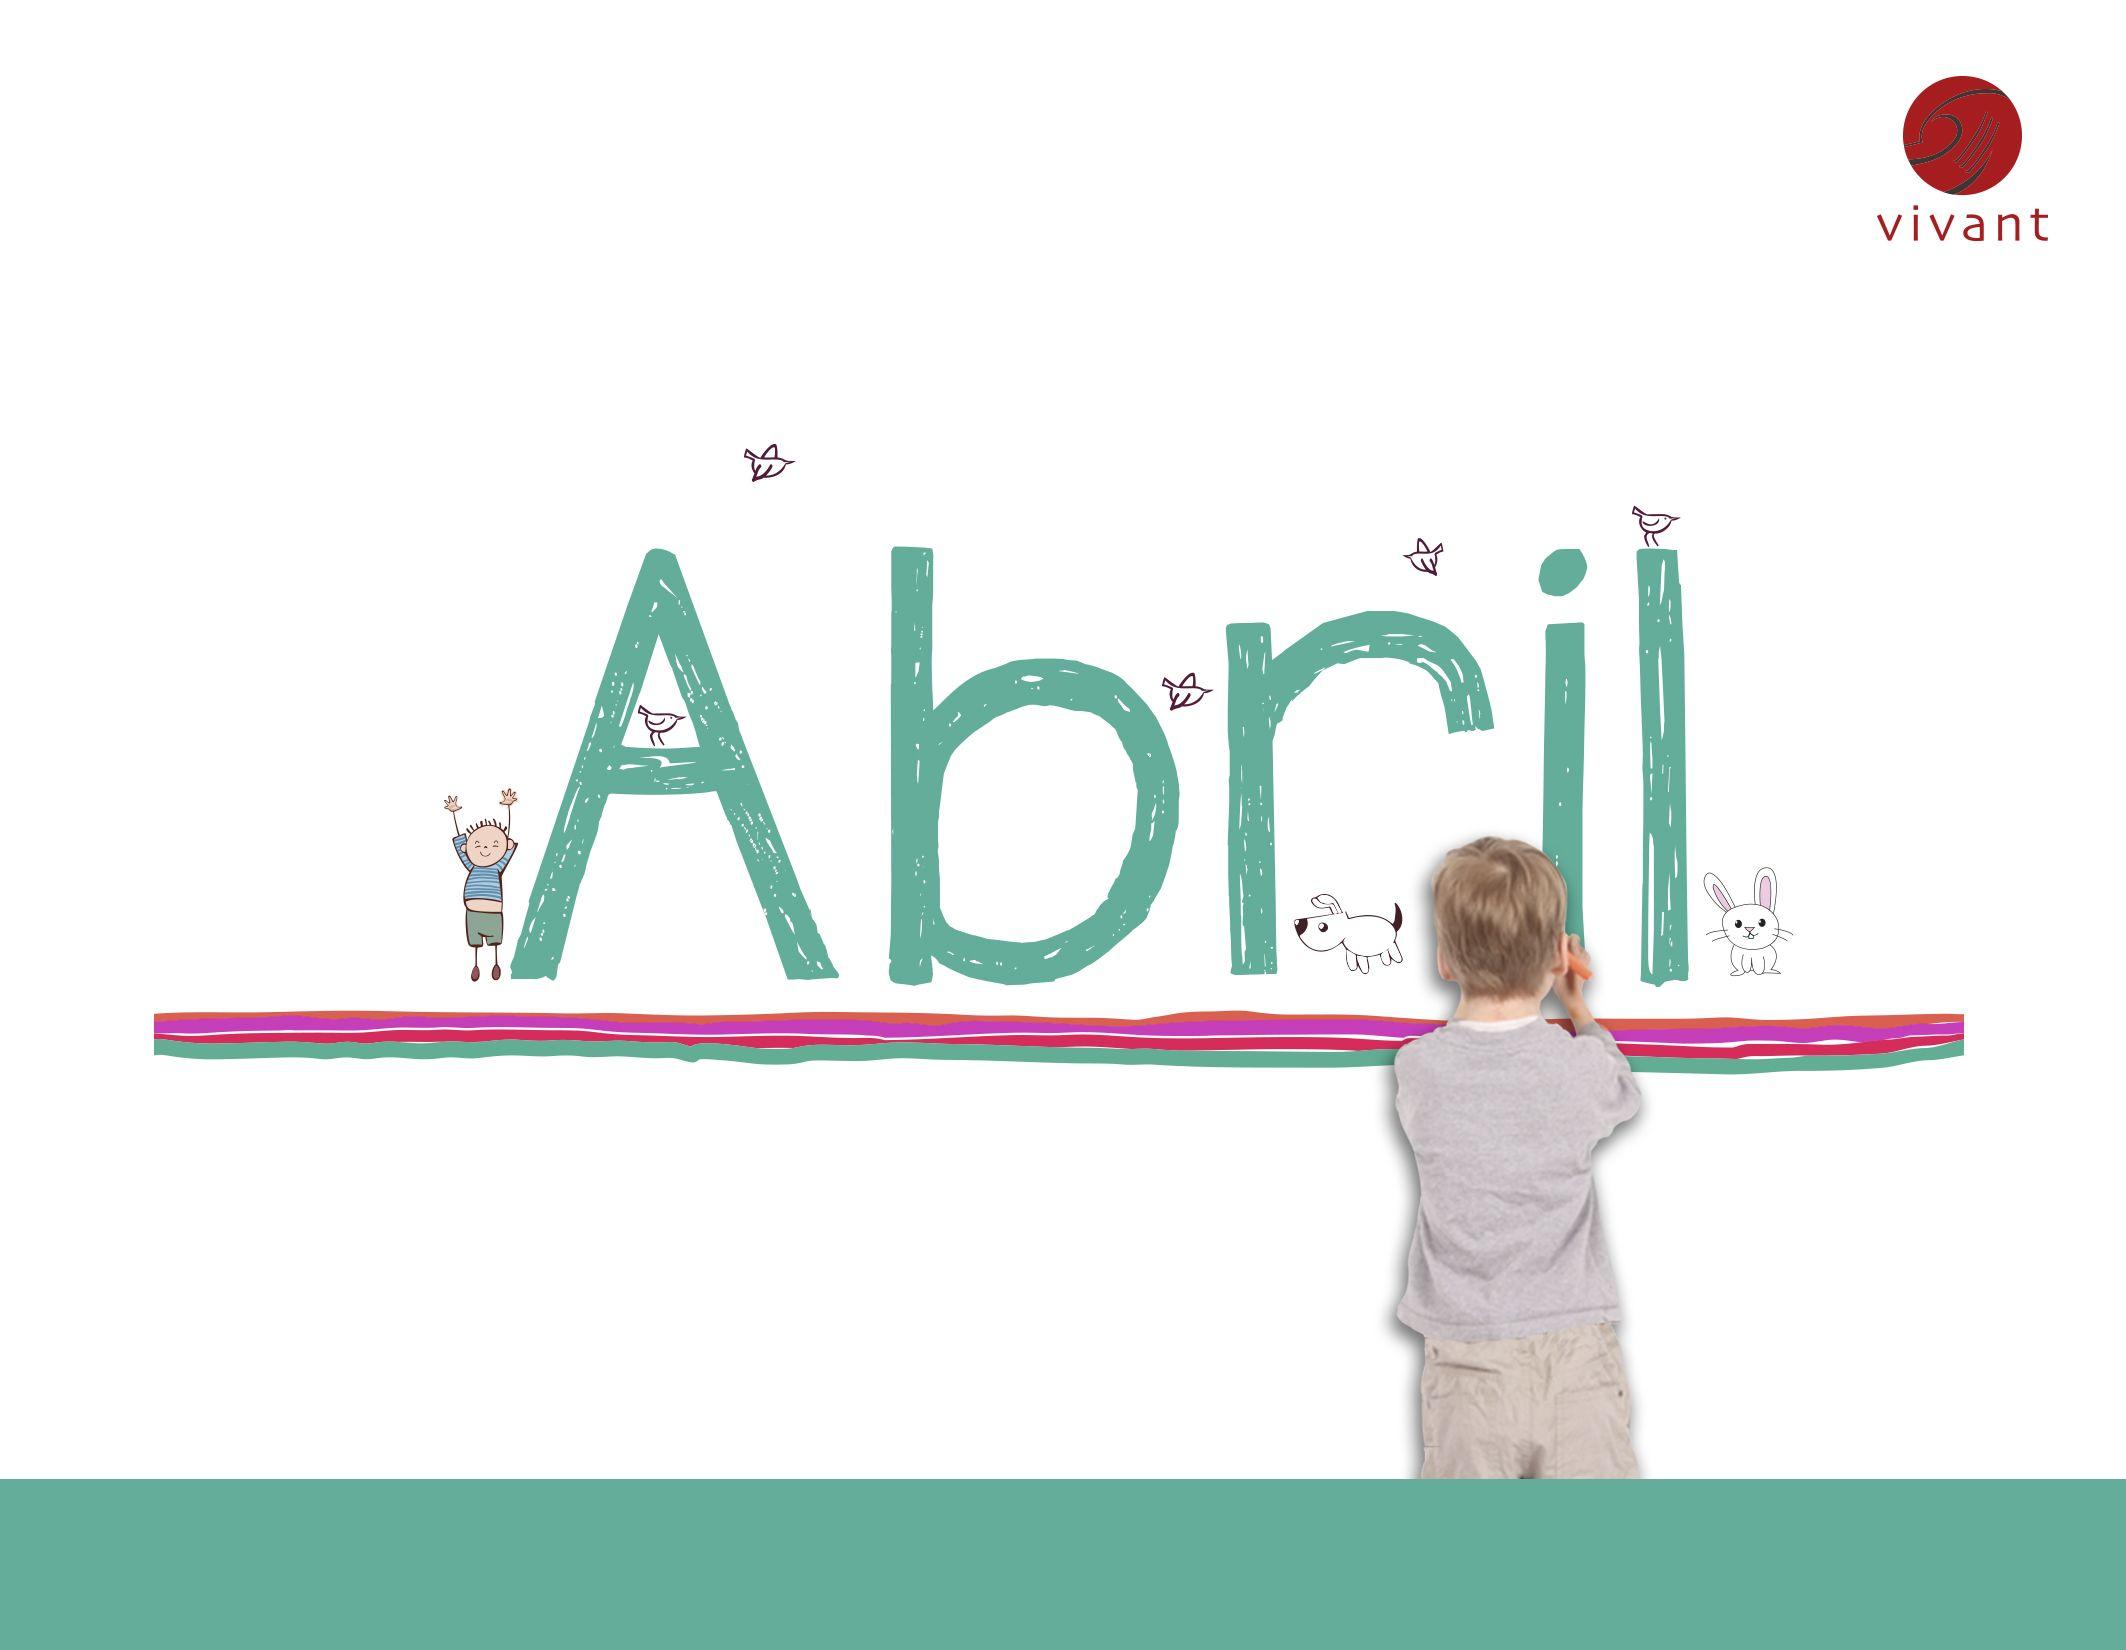 #Abril #Vivant